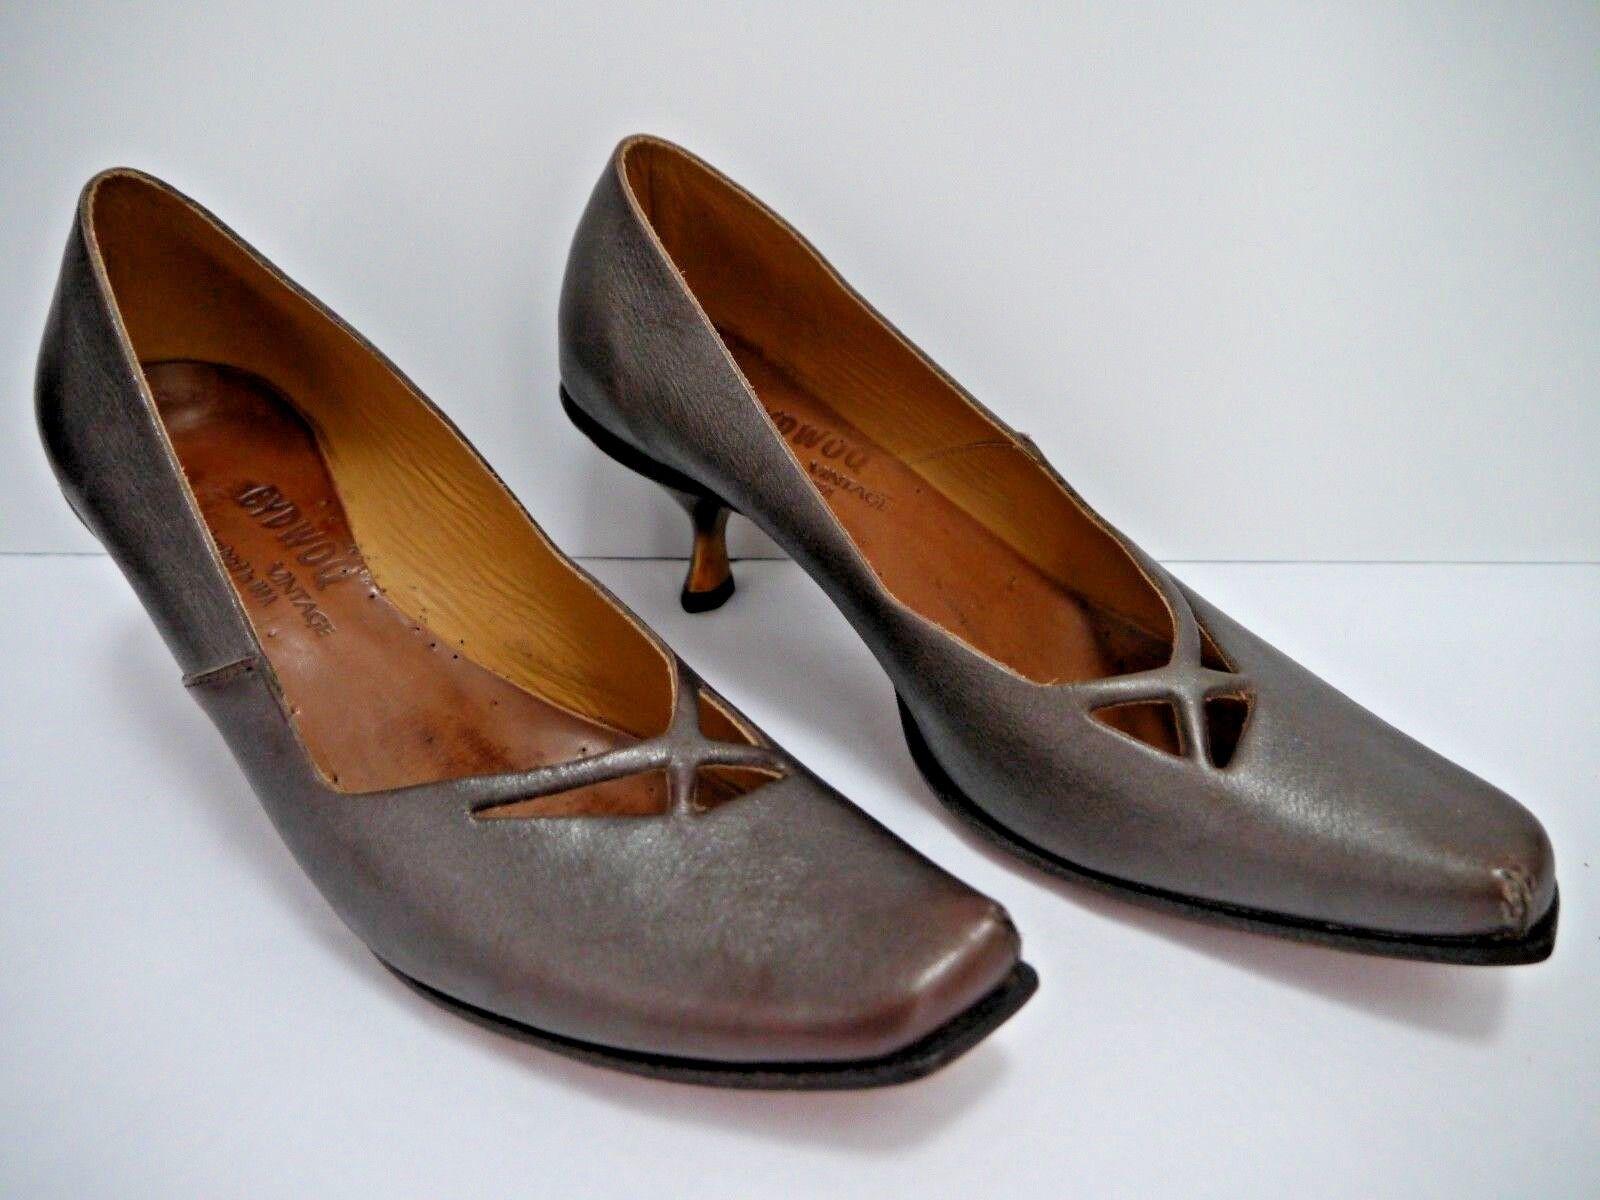 80% di sconto NEW CYDWOQ VINTAGE bronze bronze bronze Marrone low heel pumps scarpe Dimensione 40  100% di contro garanzia genuina